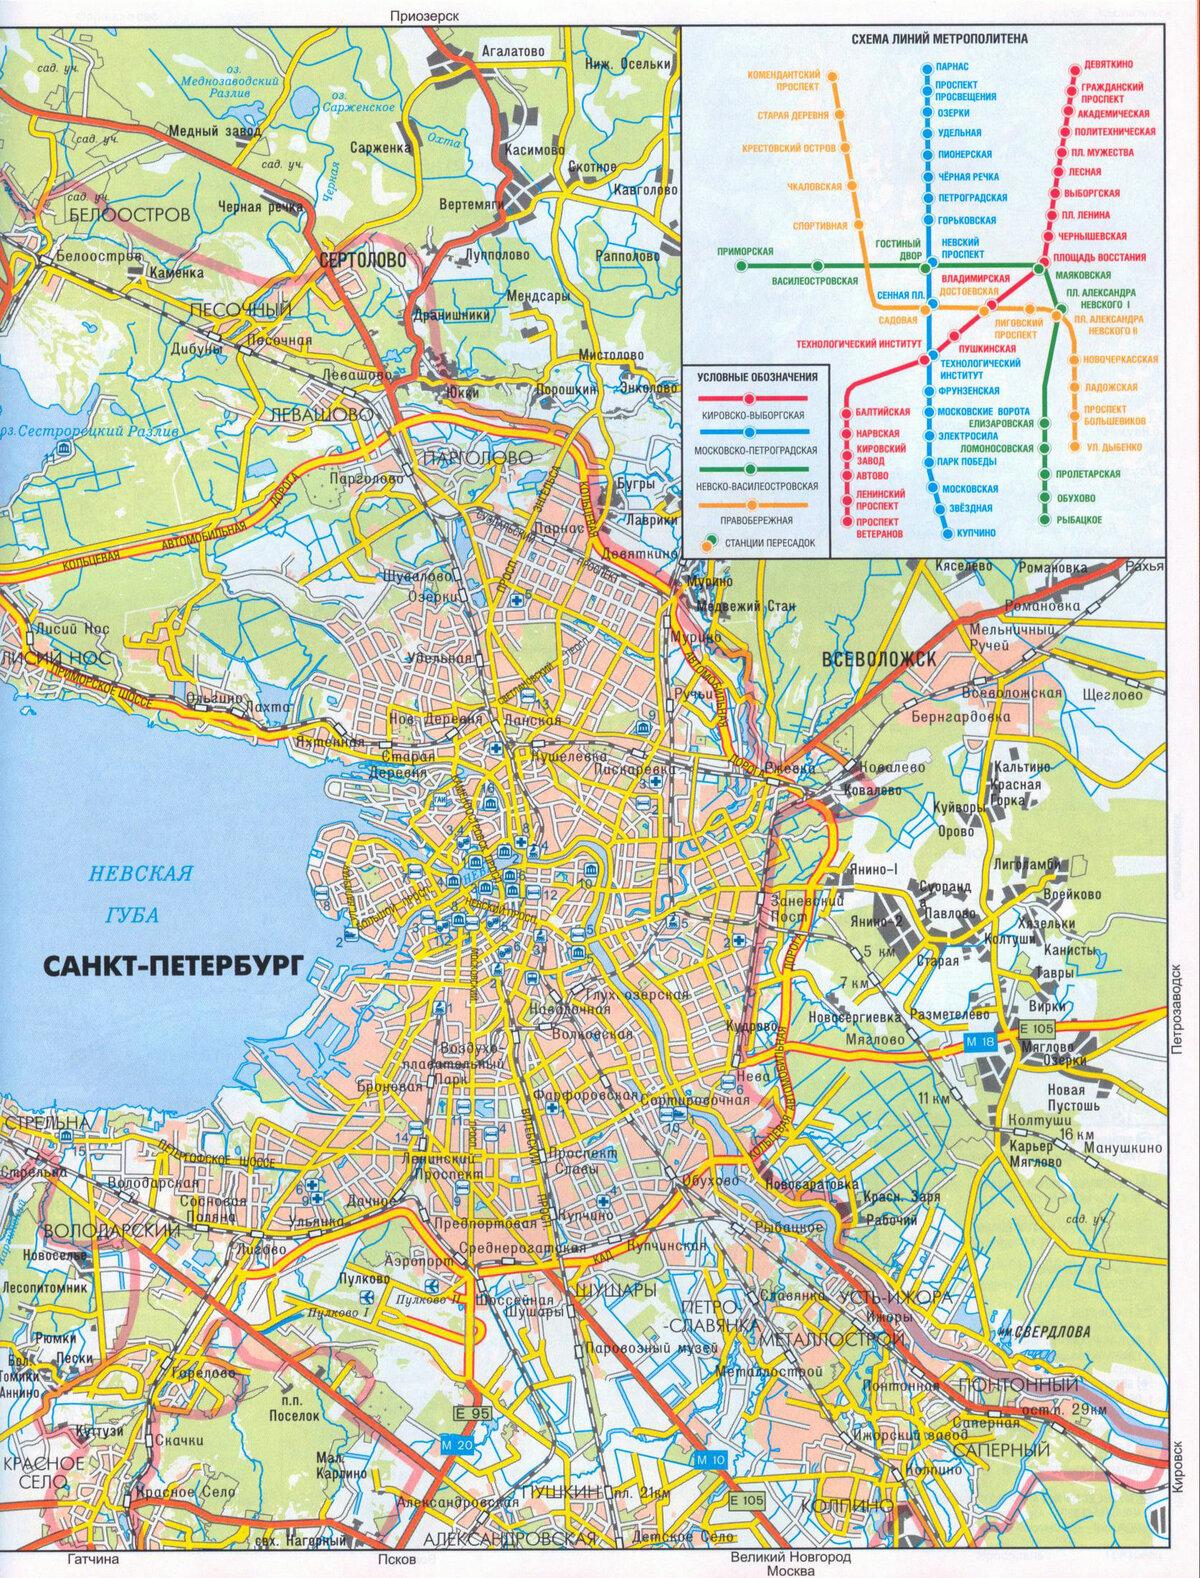 Санкт-петербург картинки карты